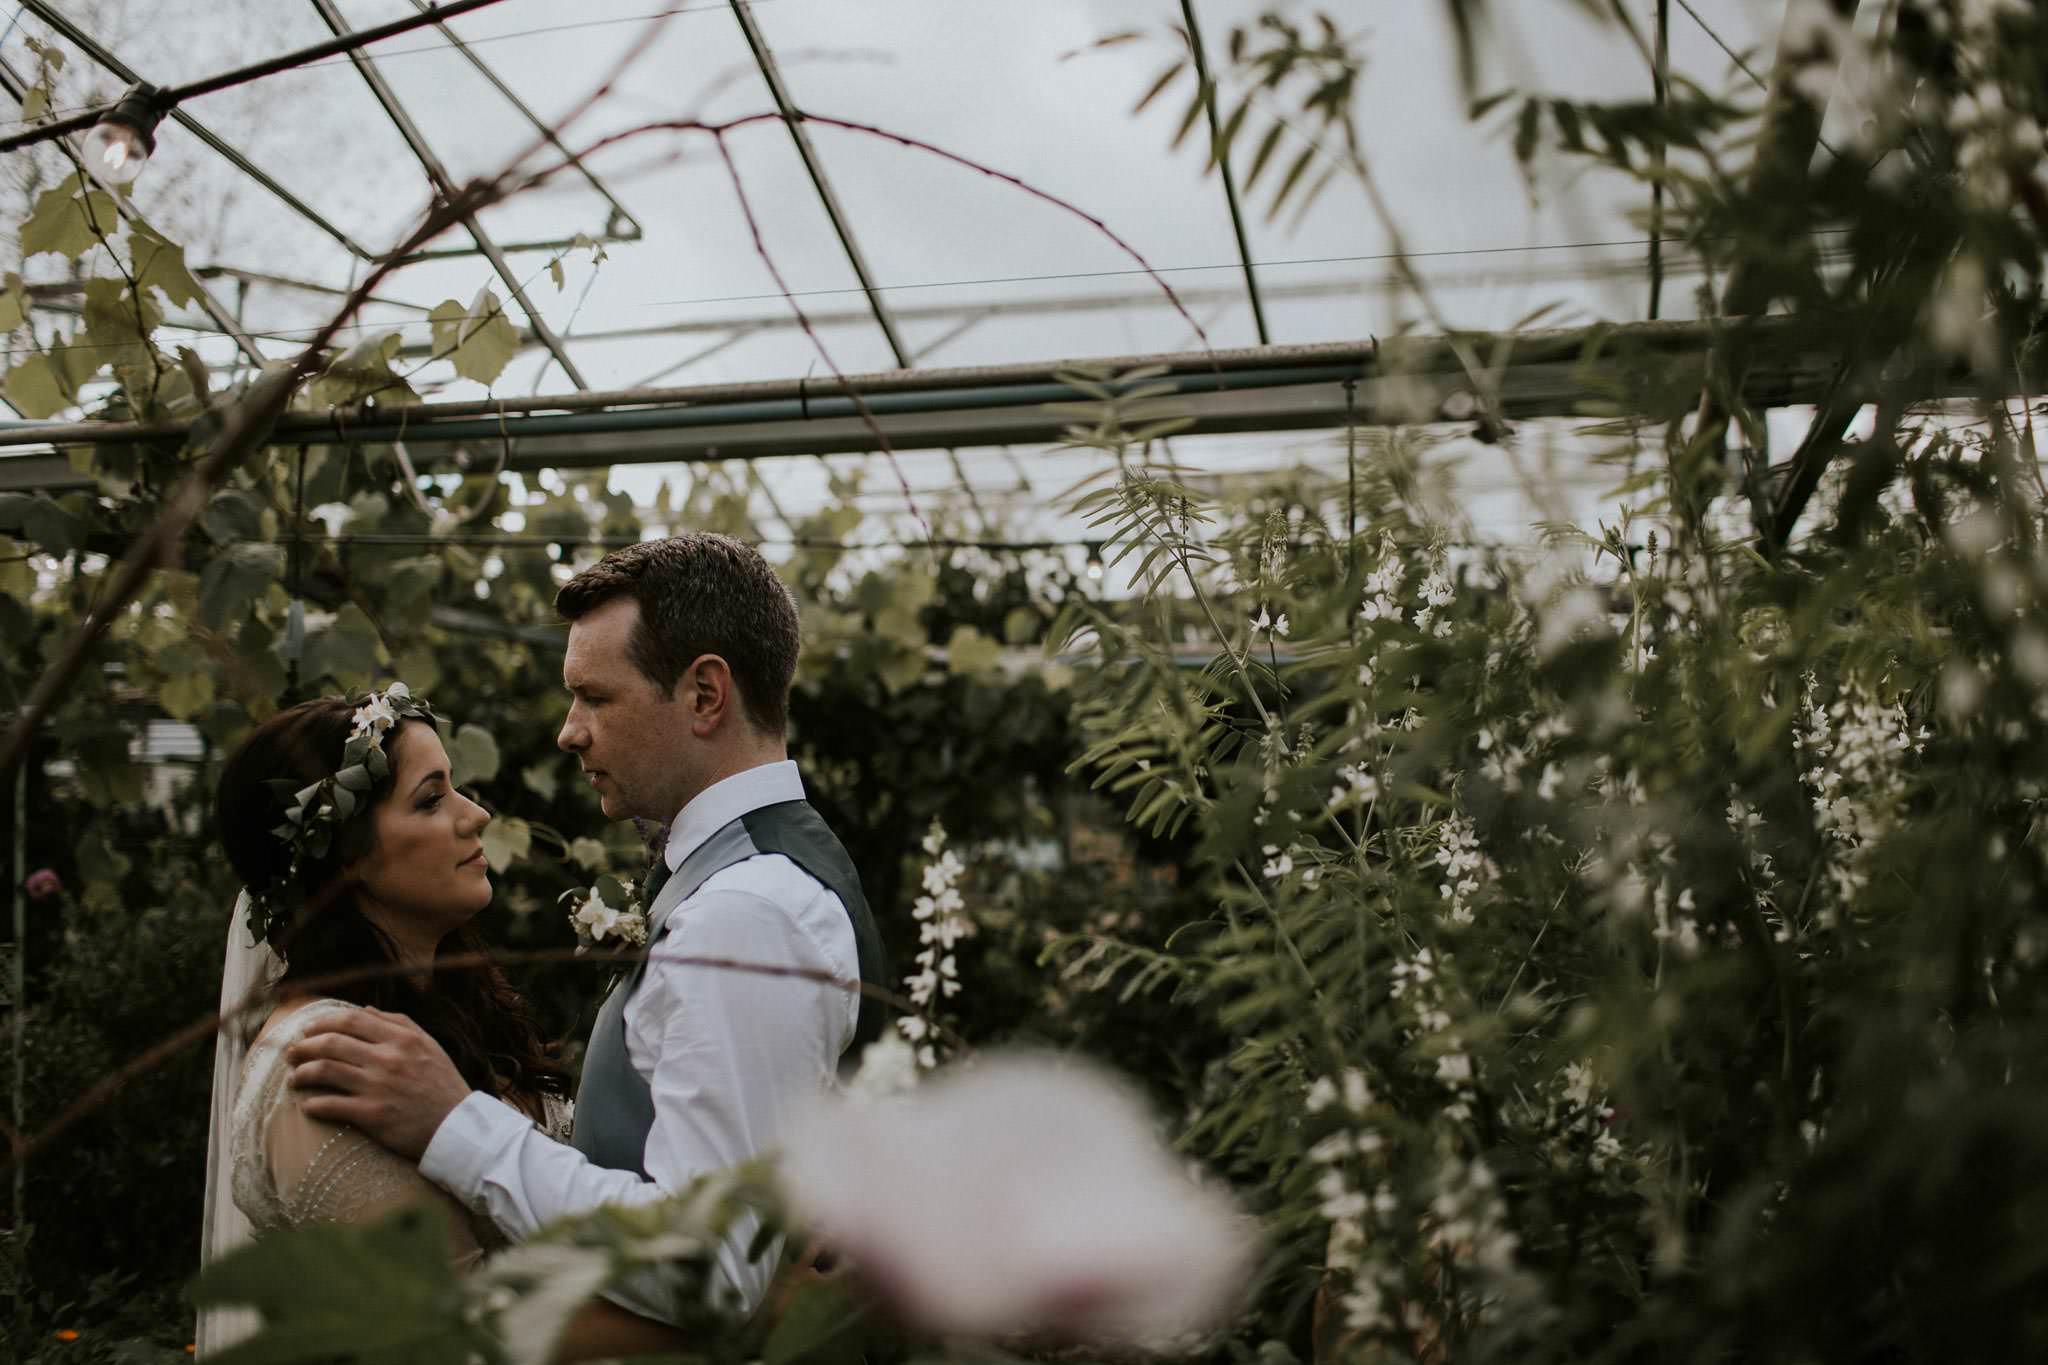 secret-herb-garden-edinburgh-vegan-wedding-035